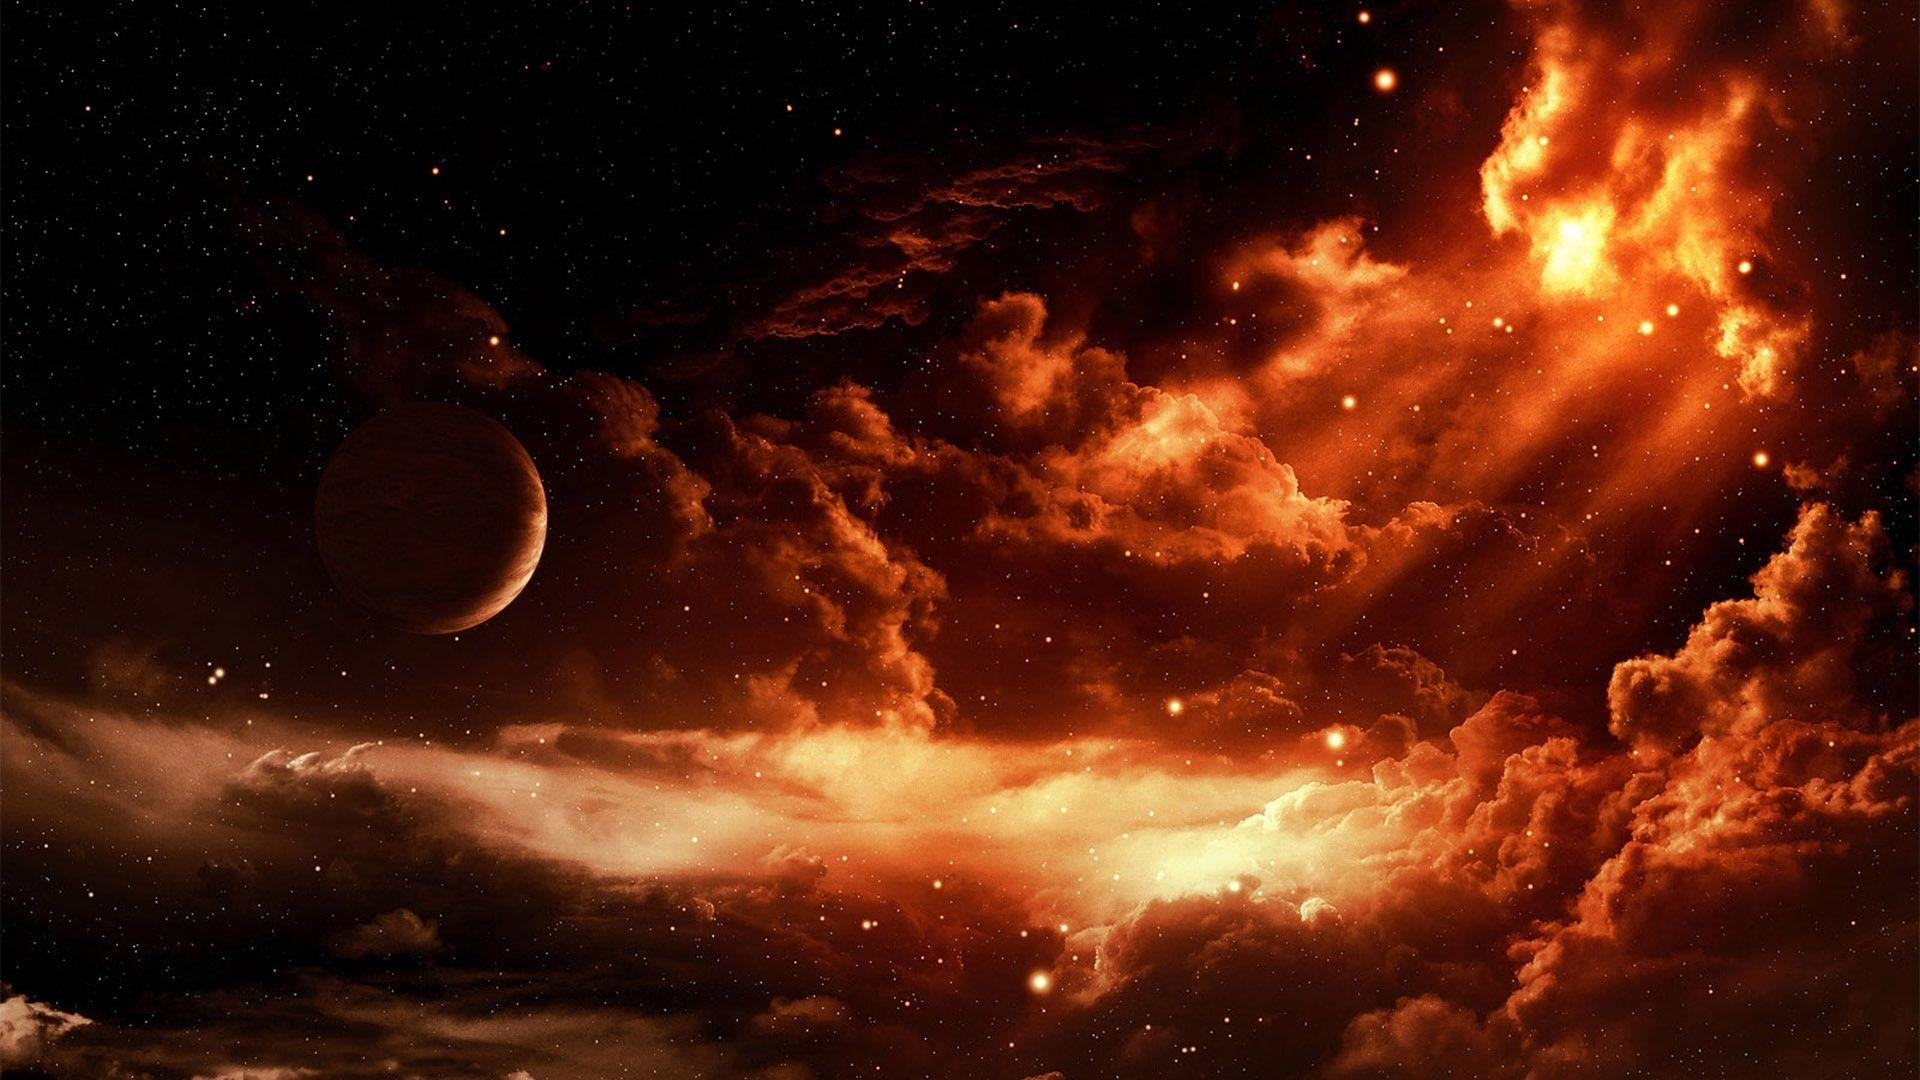 アート写真 赤のスペース 星 壁紙 19x1080 壁紙ダウンロード 星 壁紙 アート写真 デスクトップの背景